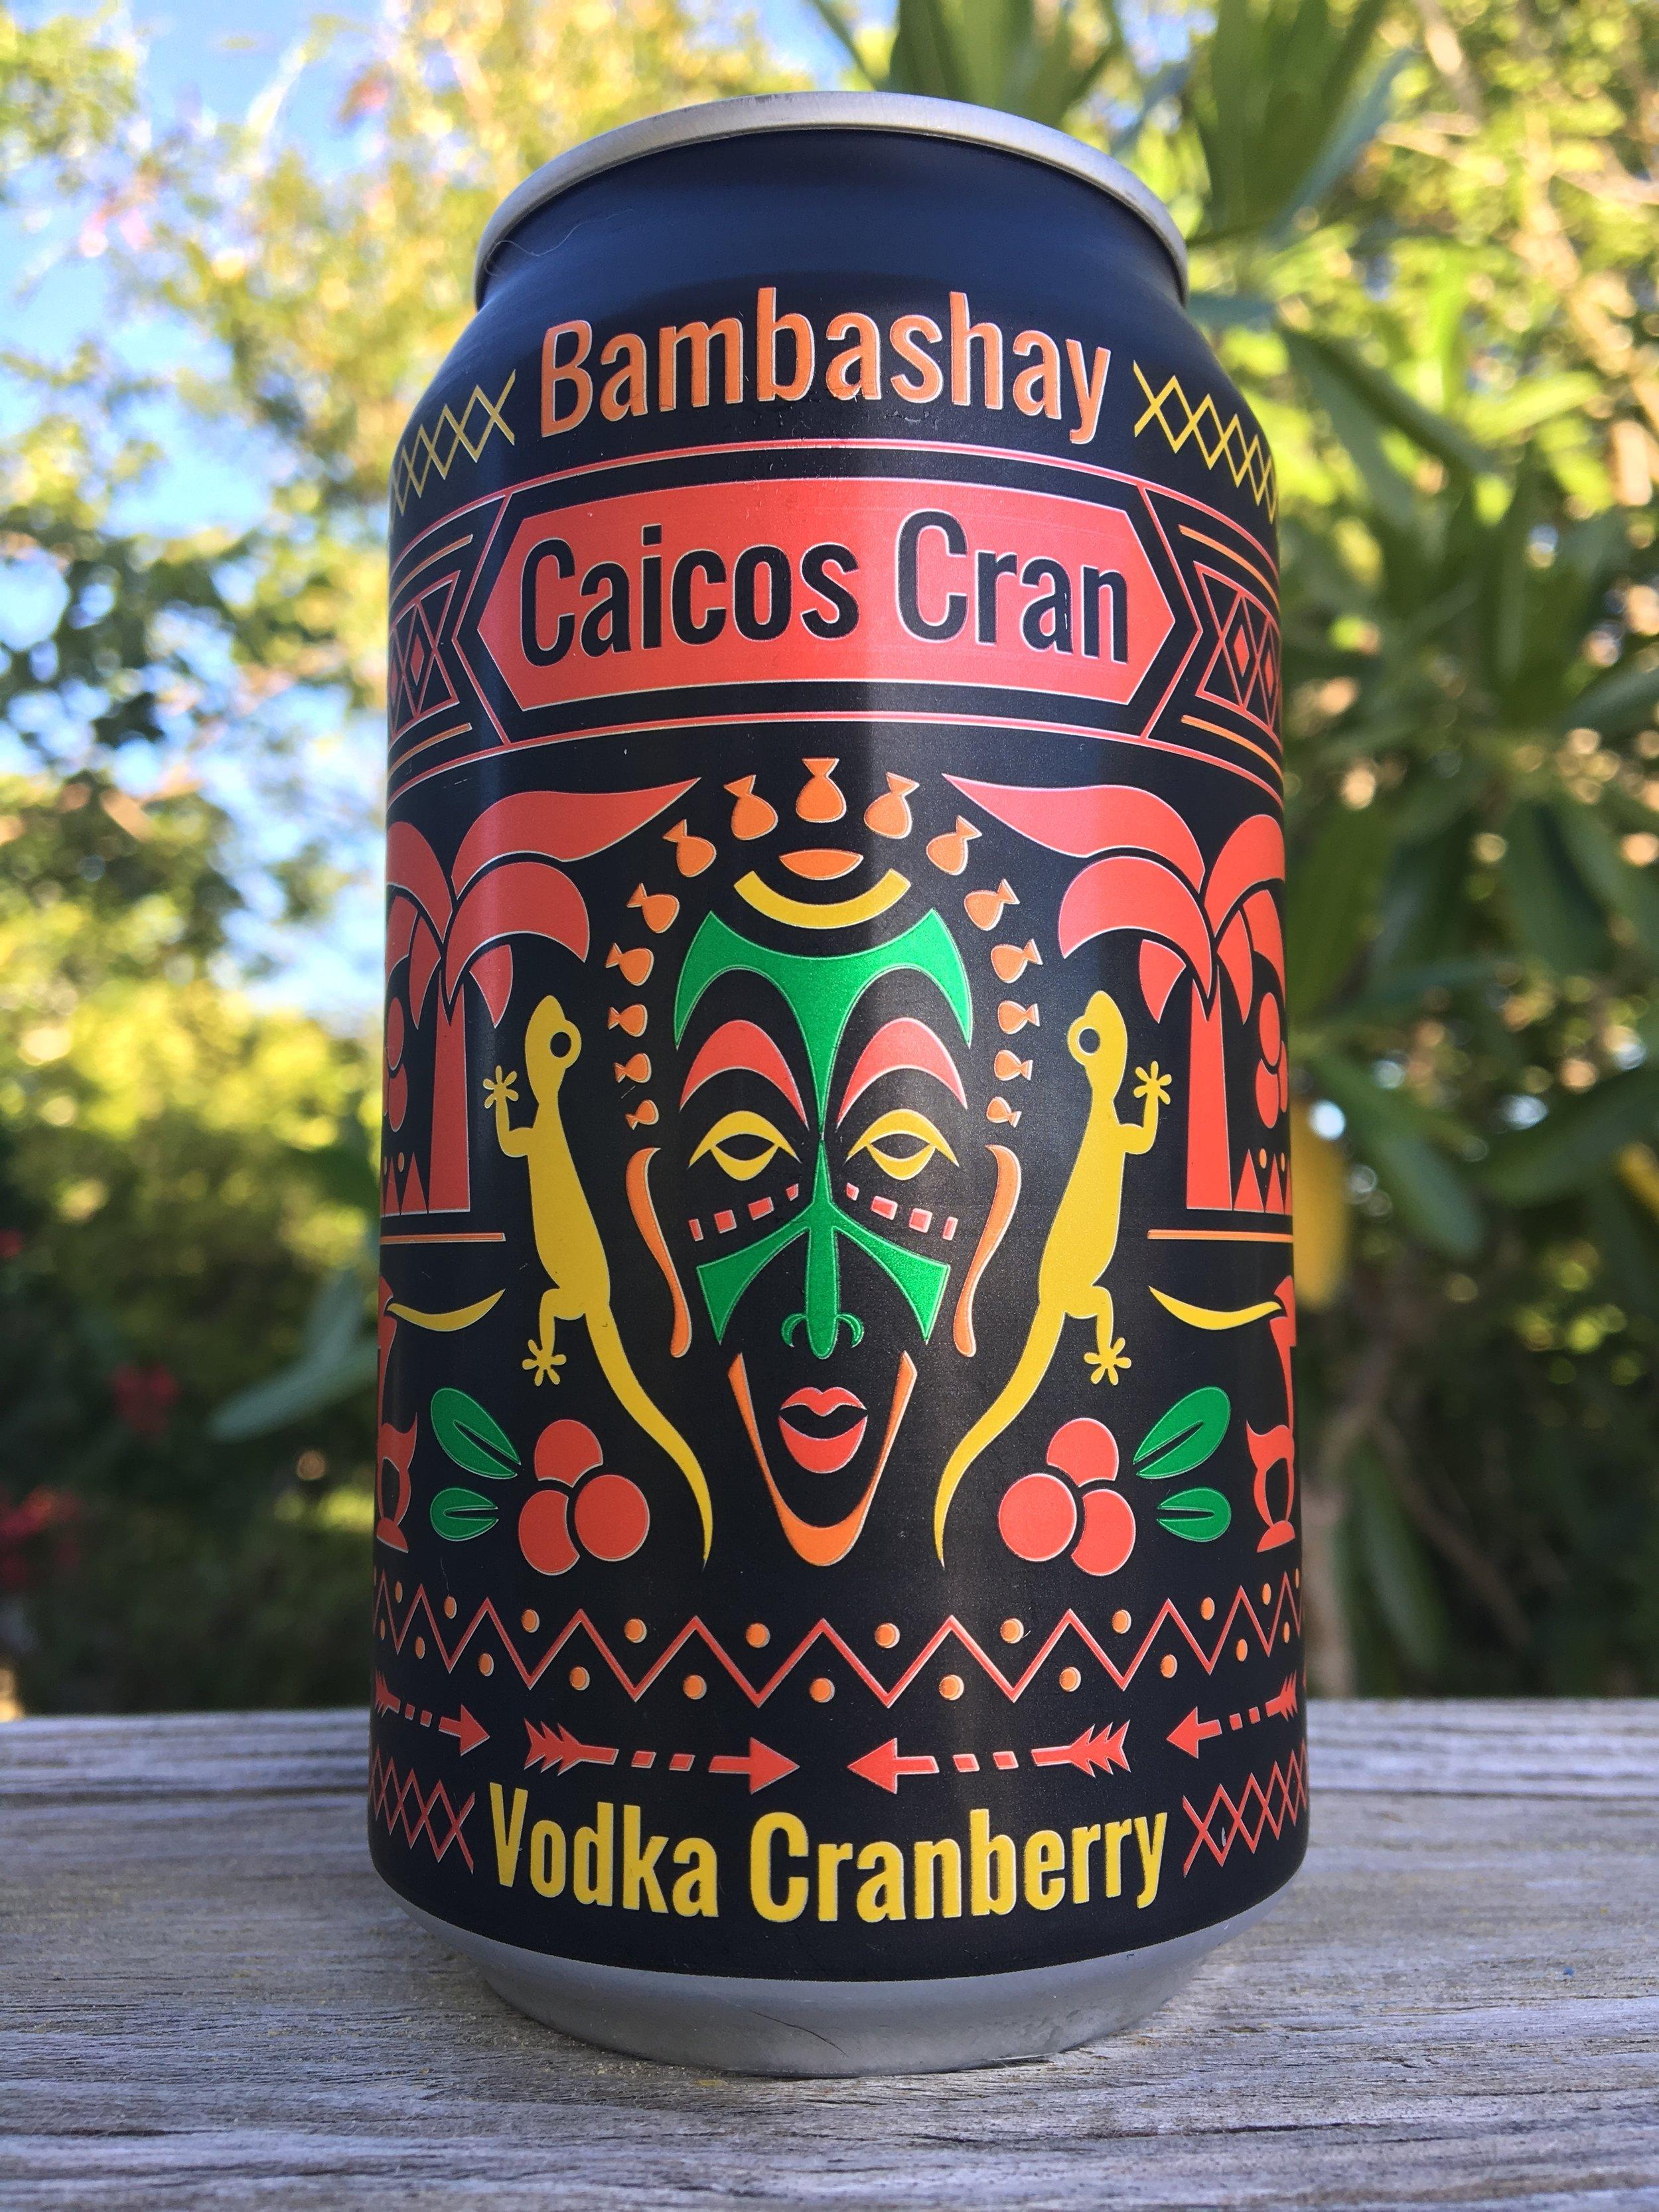 Bambashay Caicos Cran